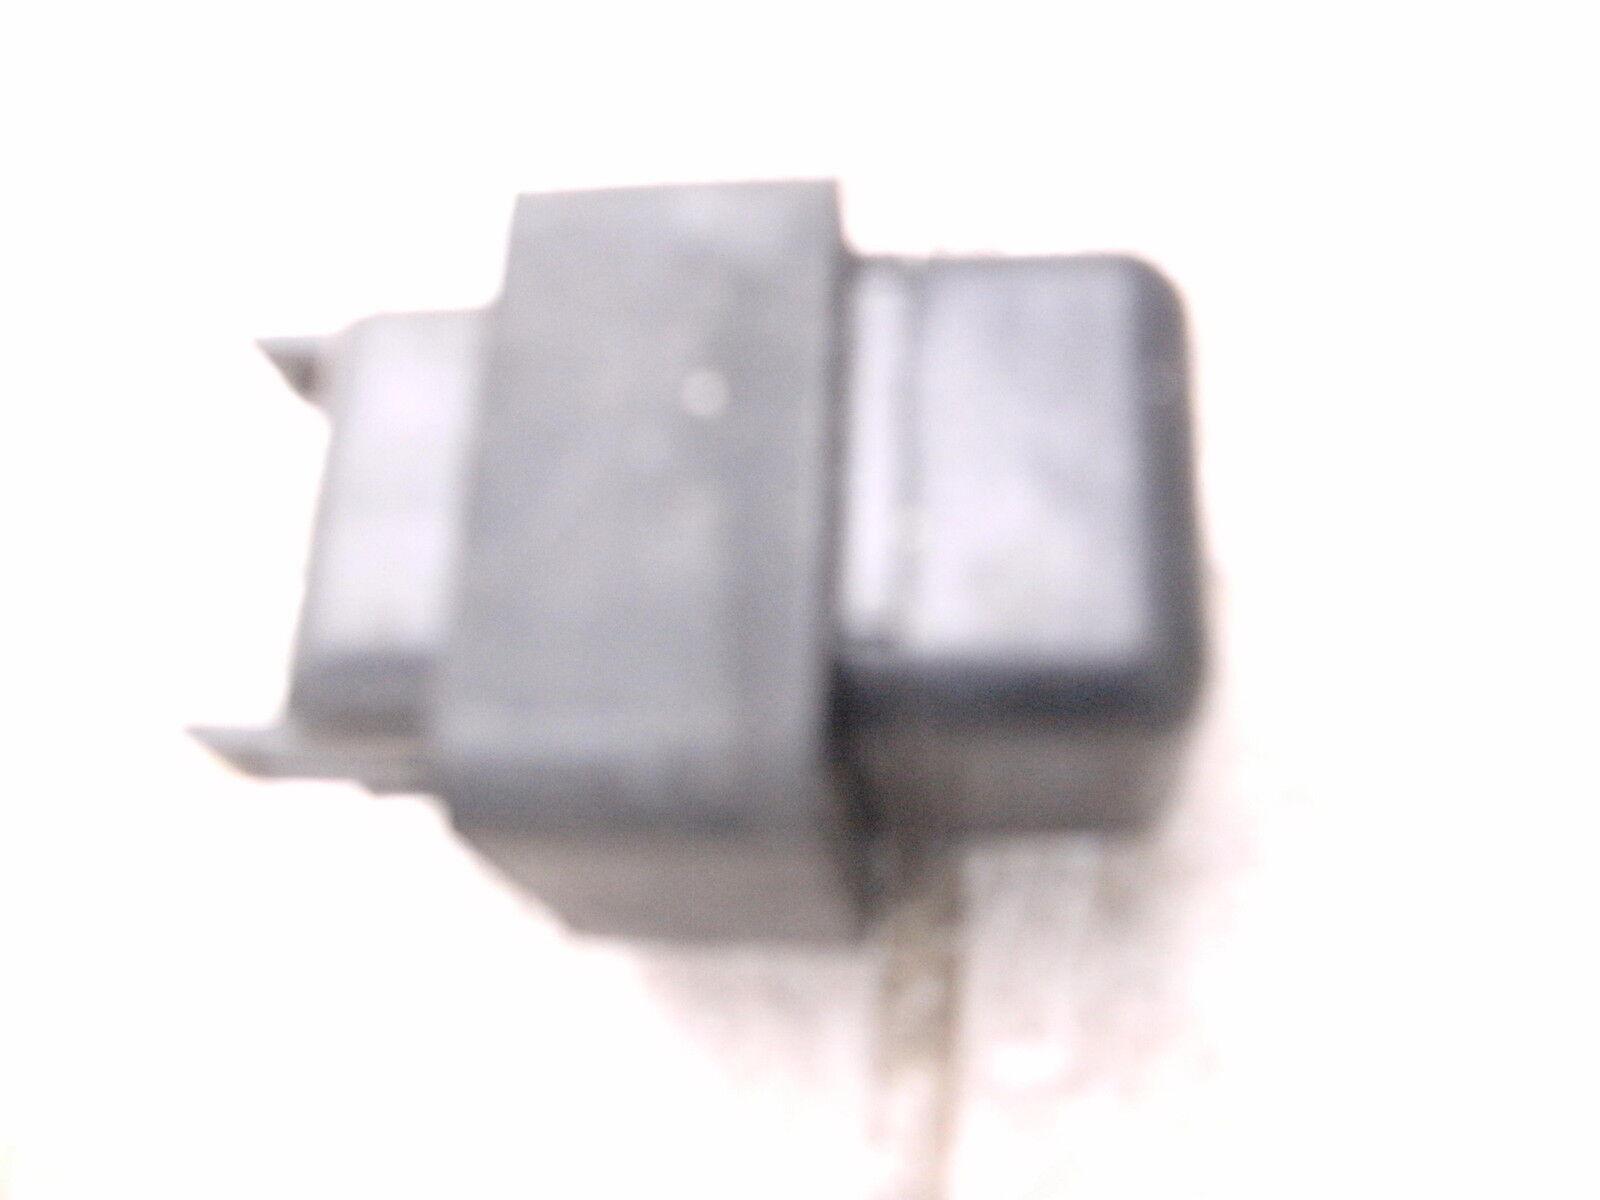 Yamaha Vmax V Max Vmx1200 Main Fuse Holder 30a Box 25 2499 5 Of See More